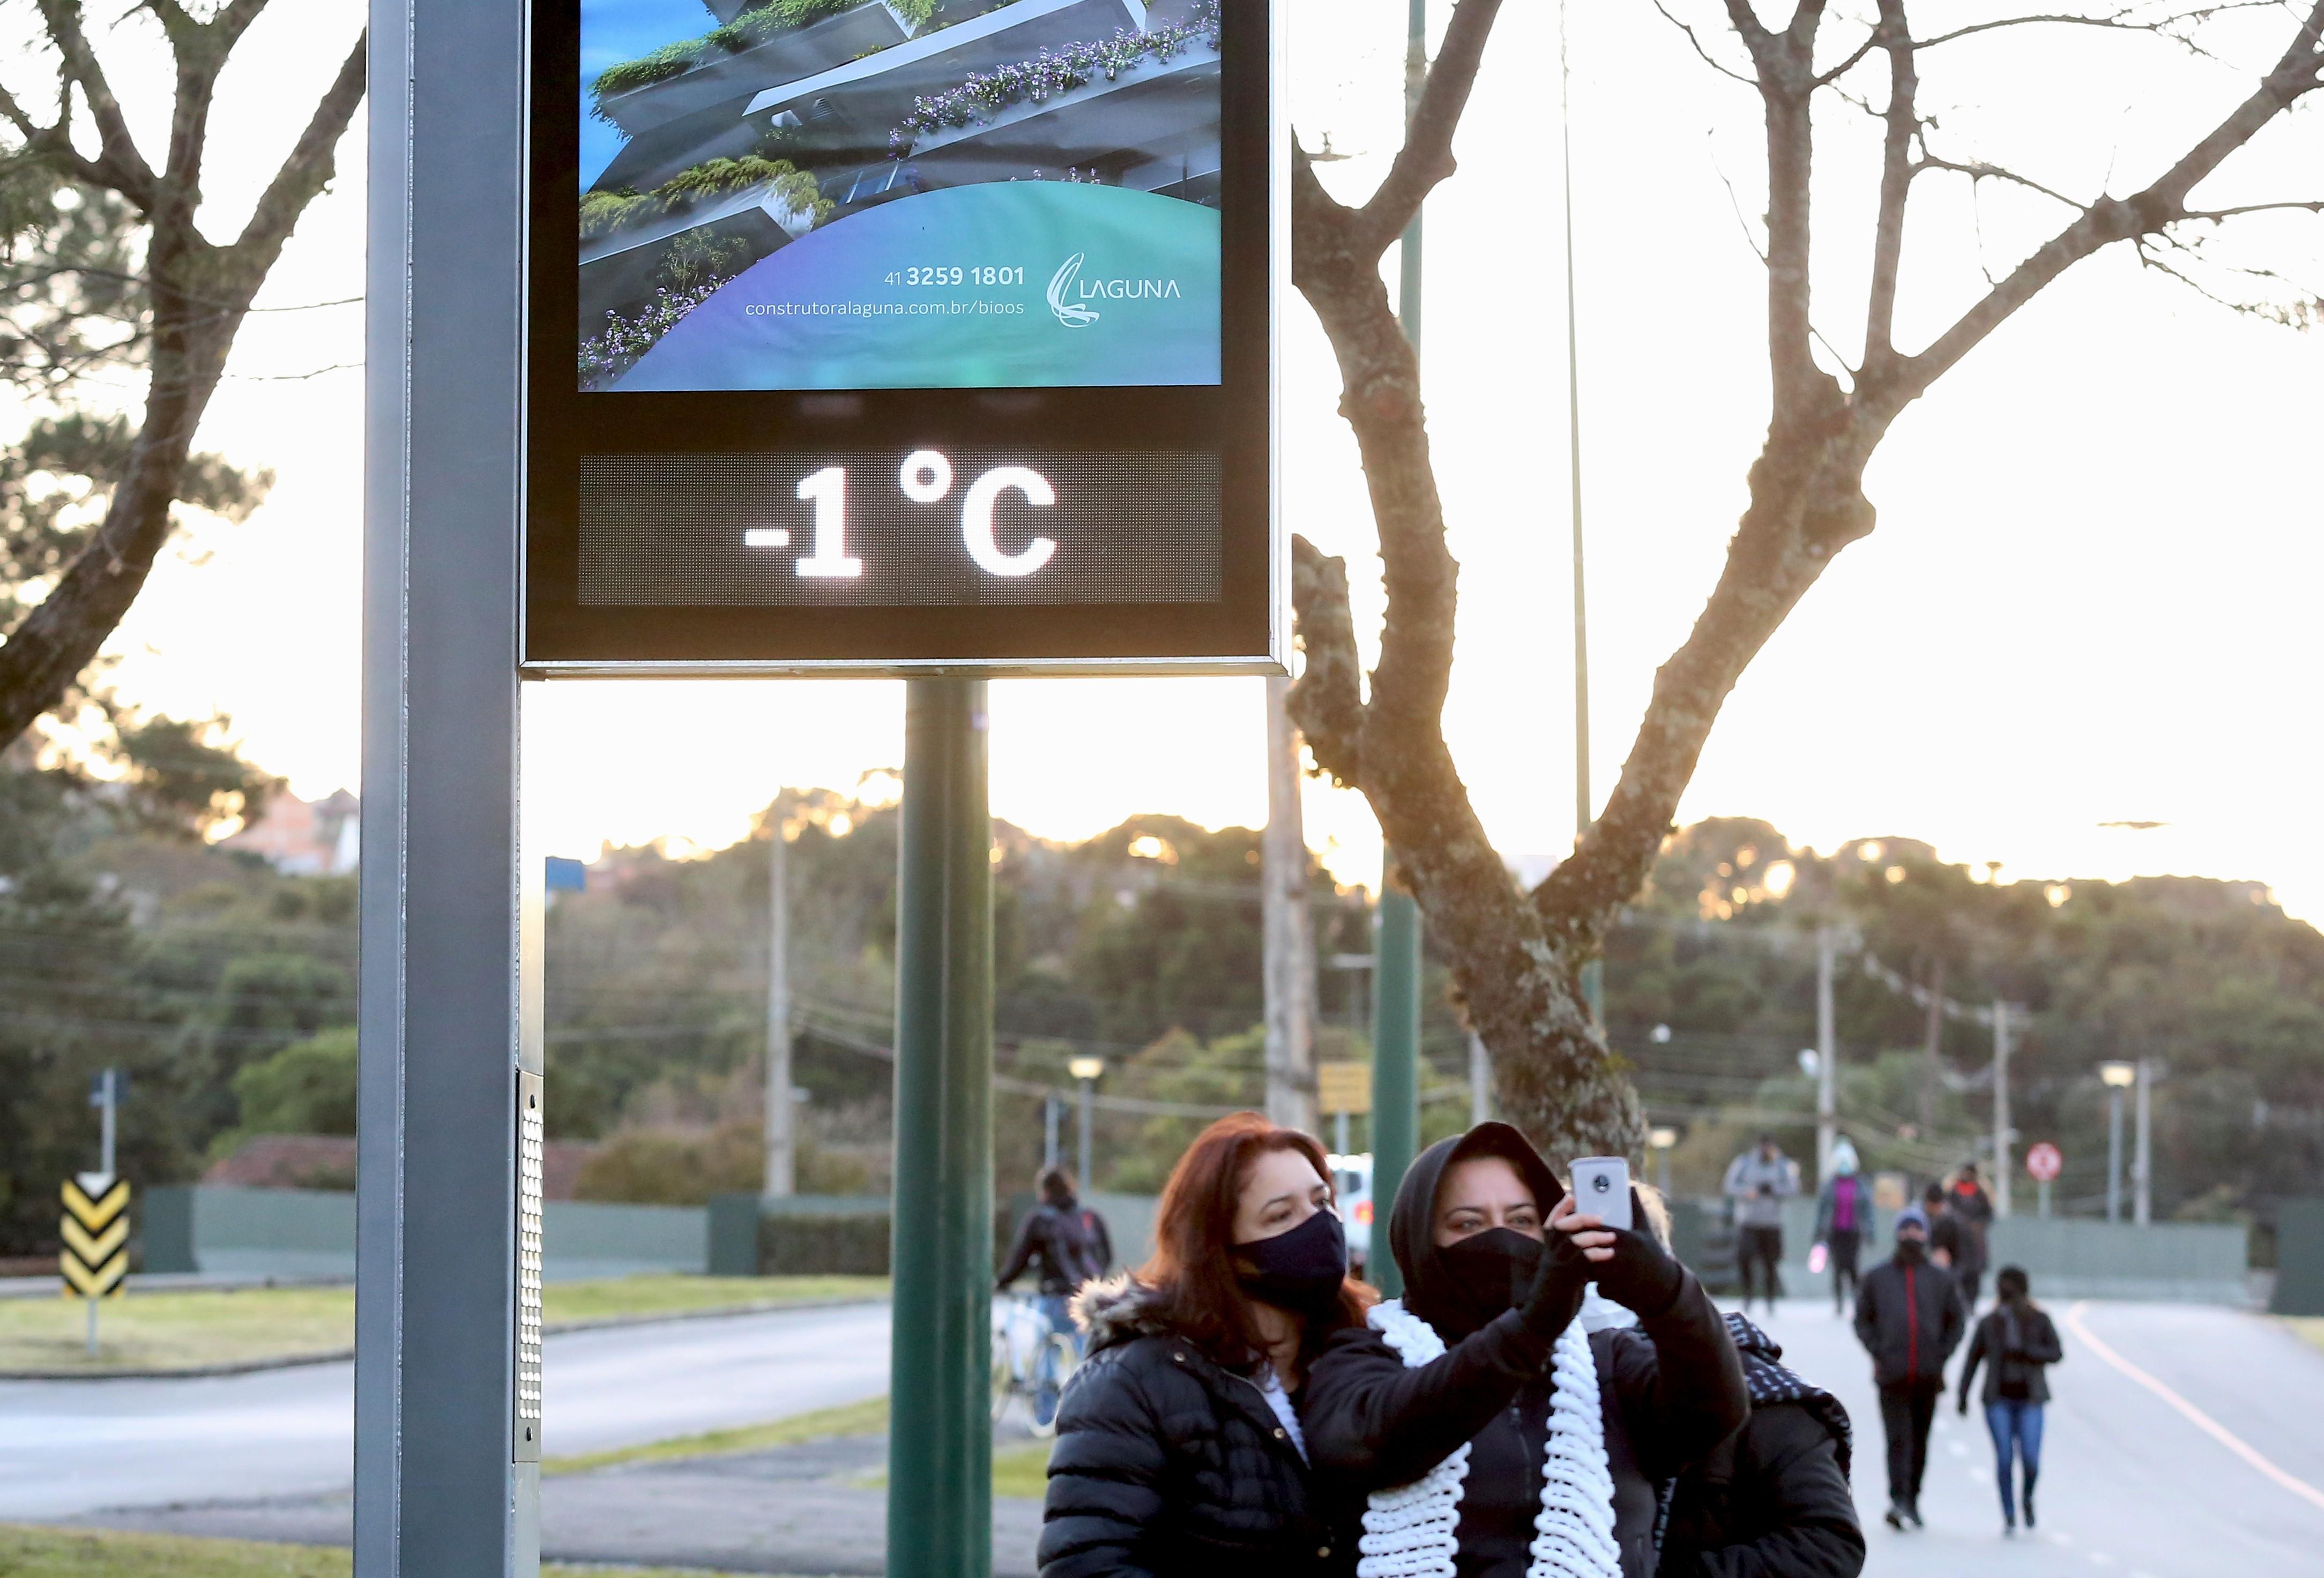 Fim de semana será frio no Sul e Sudeste, mas trégua começa a partir de segunda; veja a previsão para as capitais